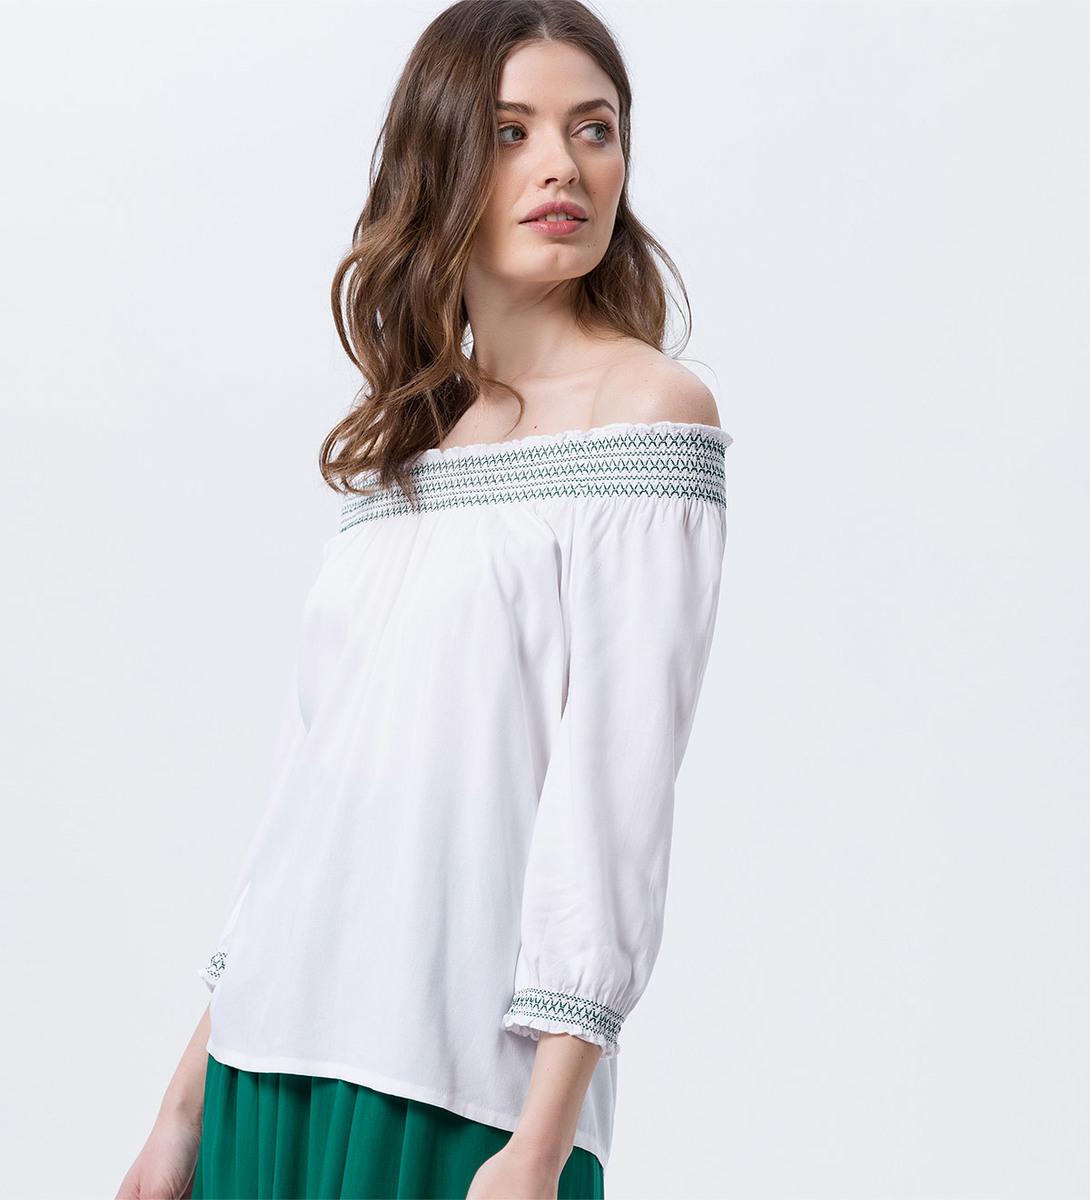 Bluse mit Carmenausschnitt in white